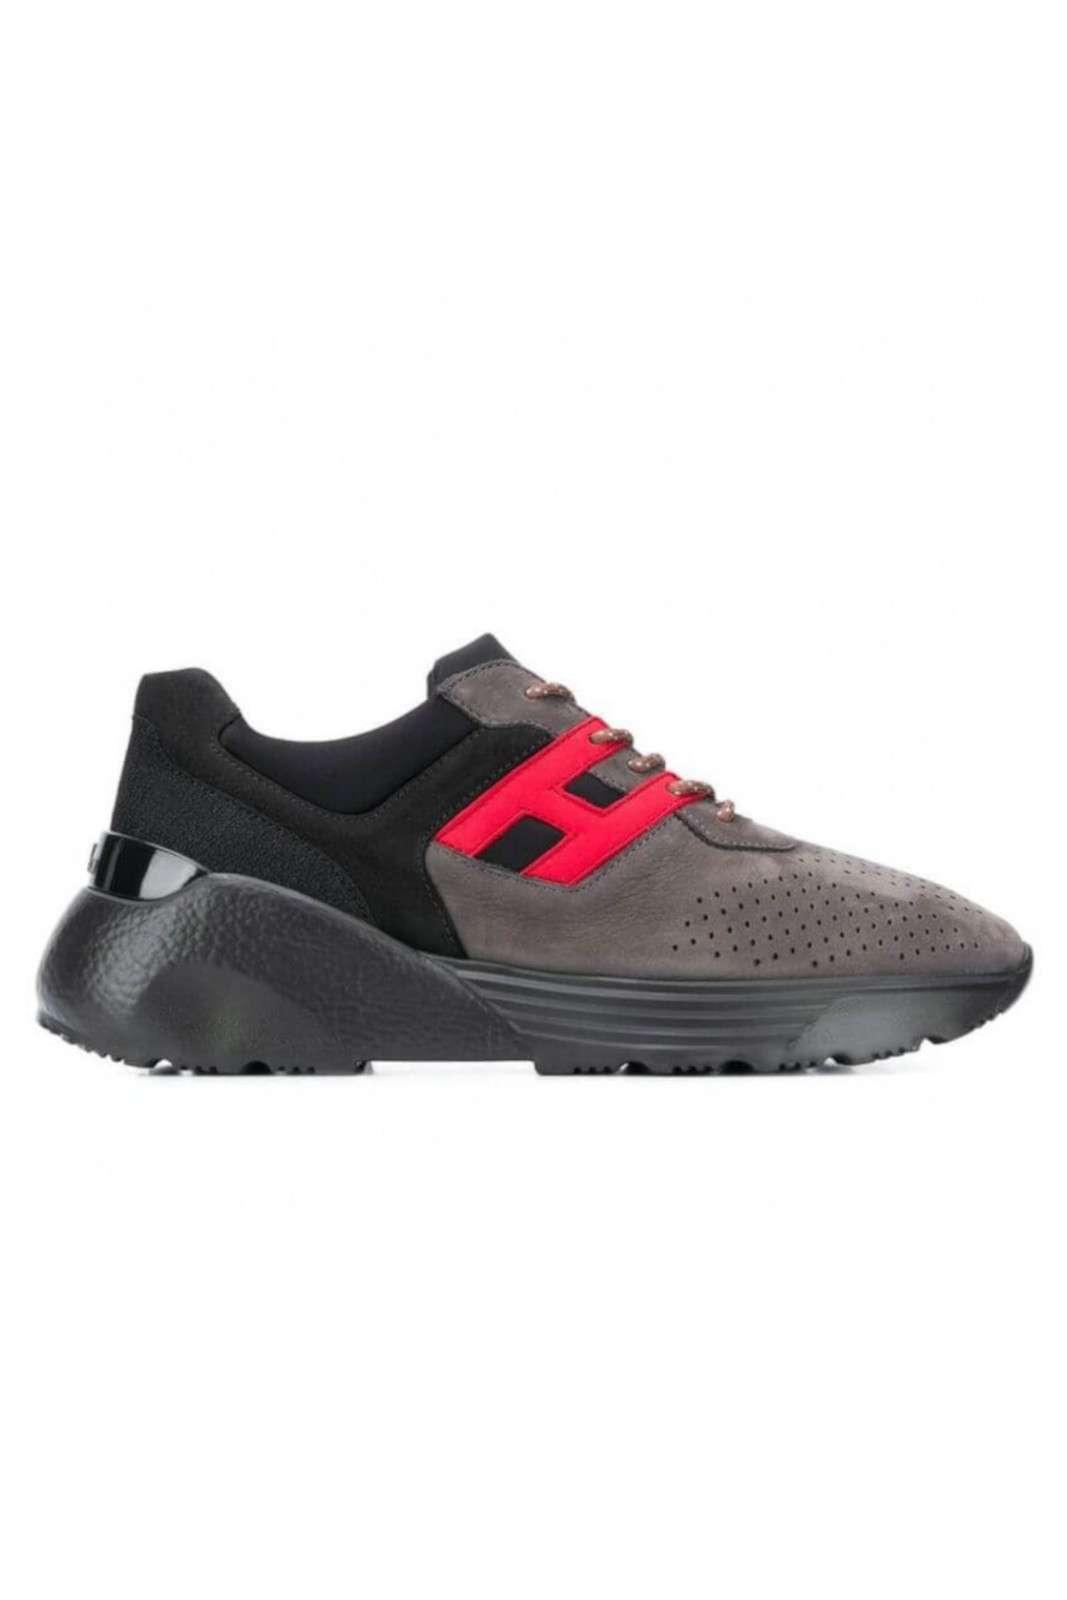 Innovative e futuristiche le nuove Active One firmate Hogan. Da abbinare con ogni look si impongono per il pregiato pellame e la comodità della scarpa. Un essential per la moda uomo.